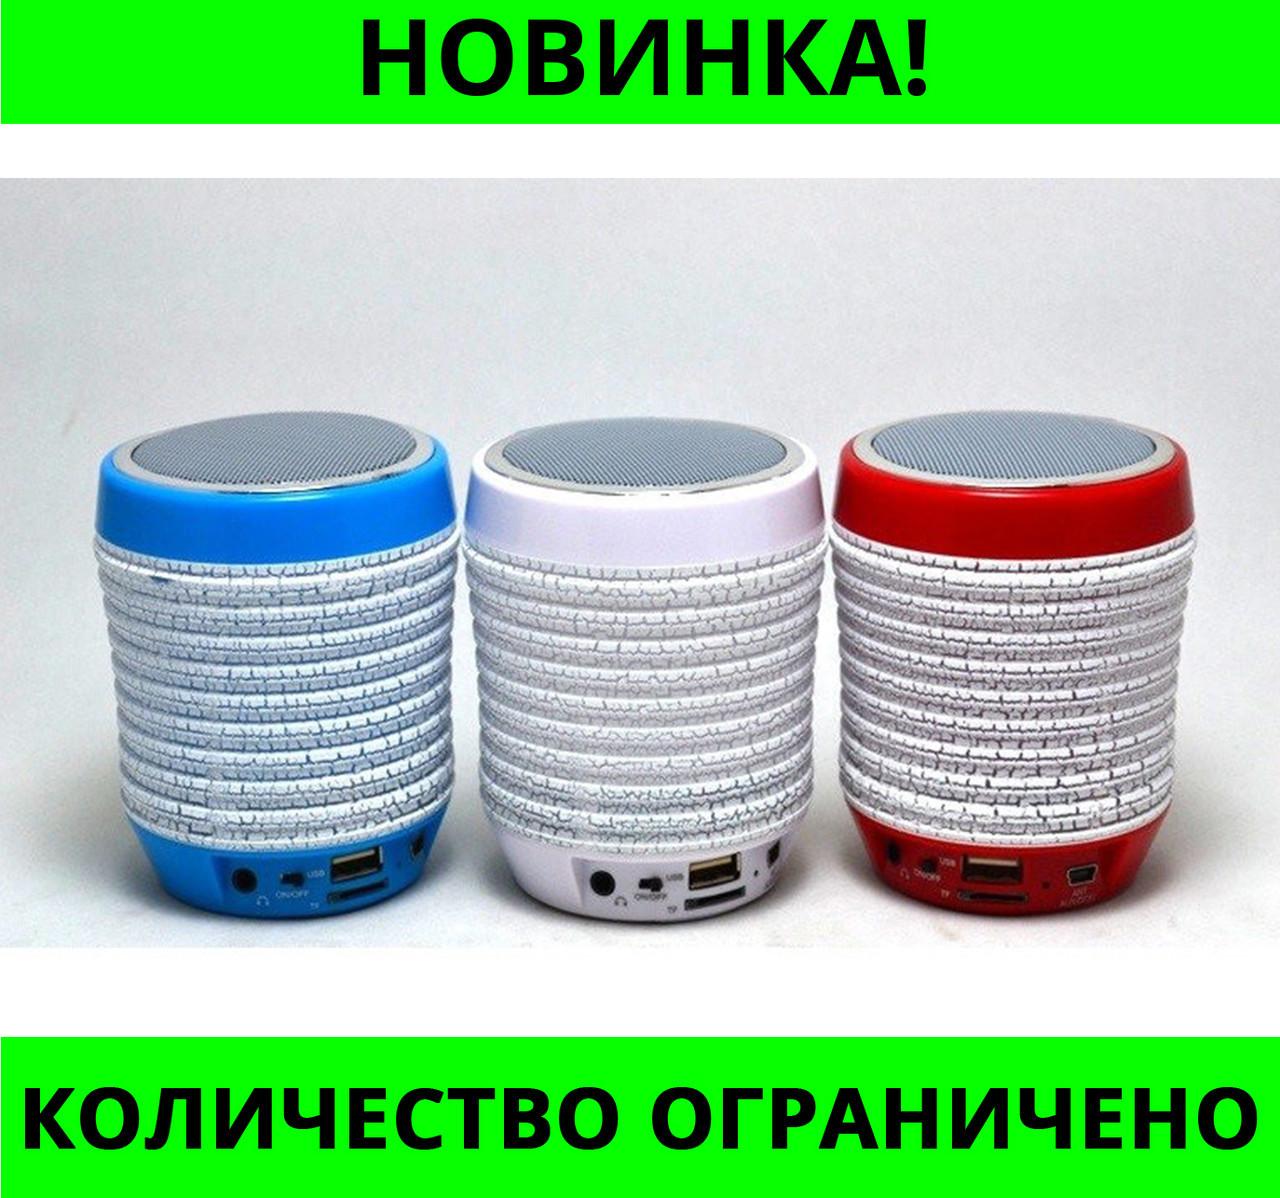 Портативная колонка Bluetooth WS-1805 со светомузыкой!Розница и Опт